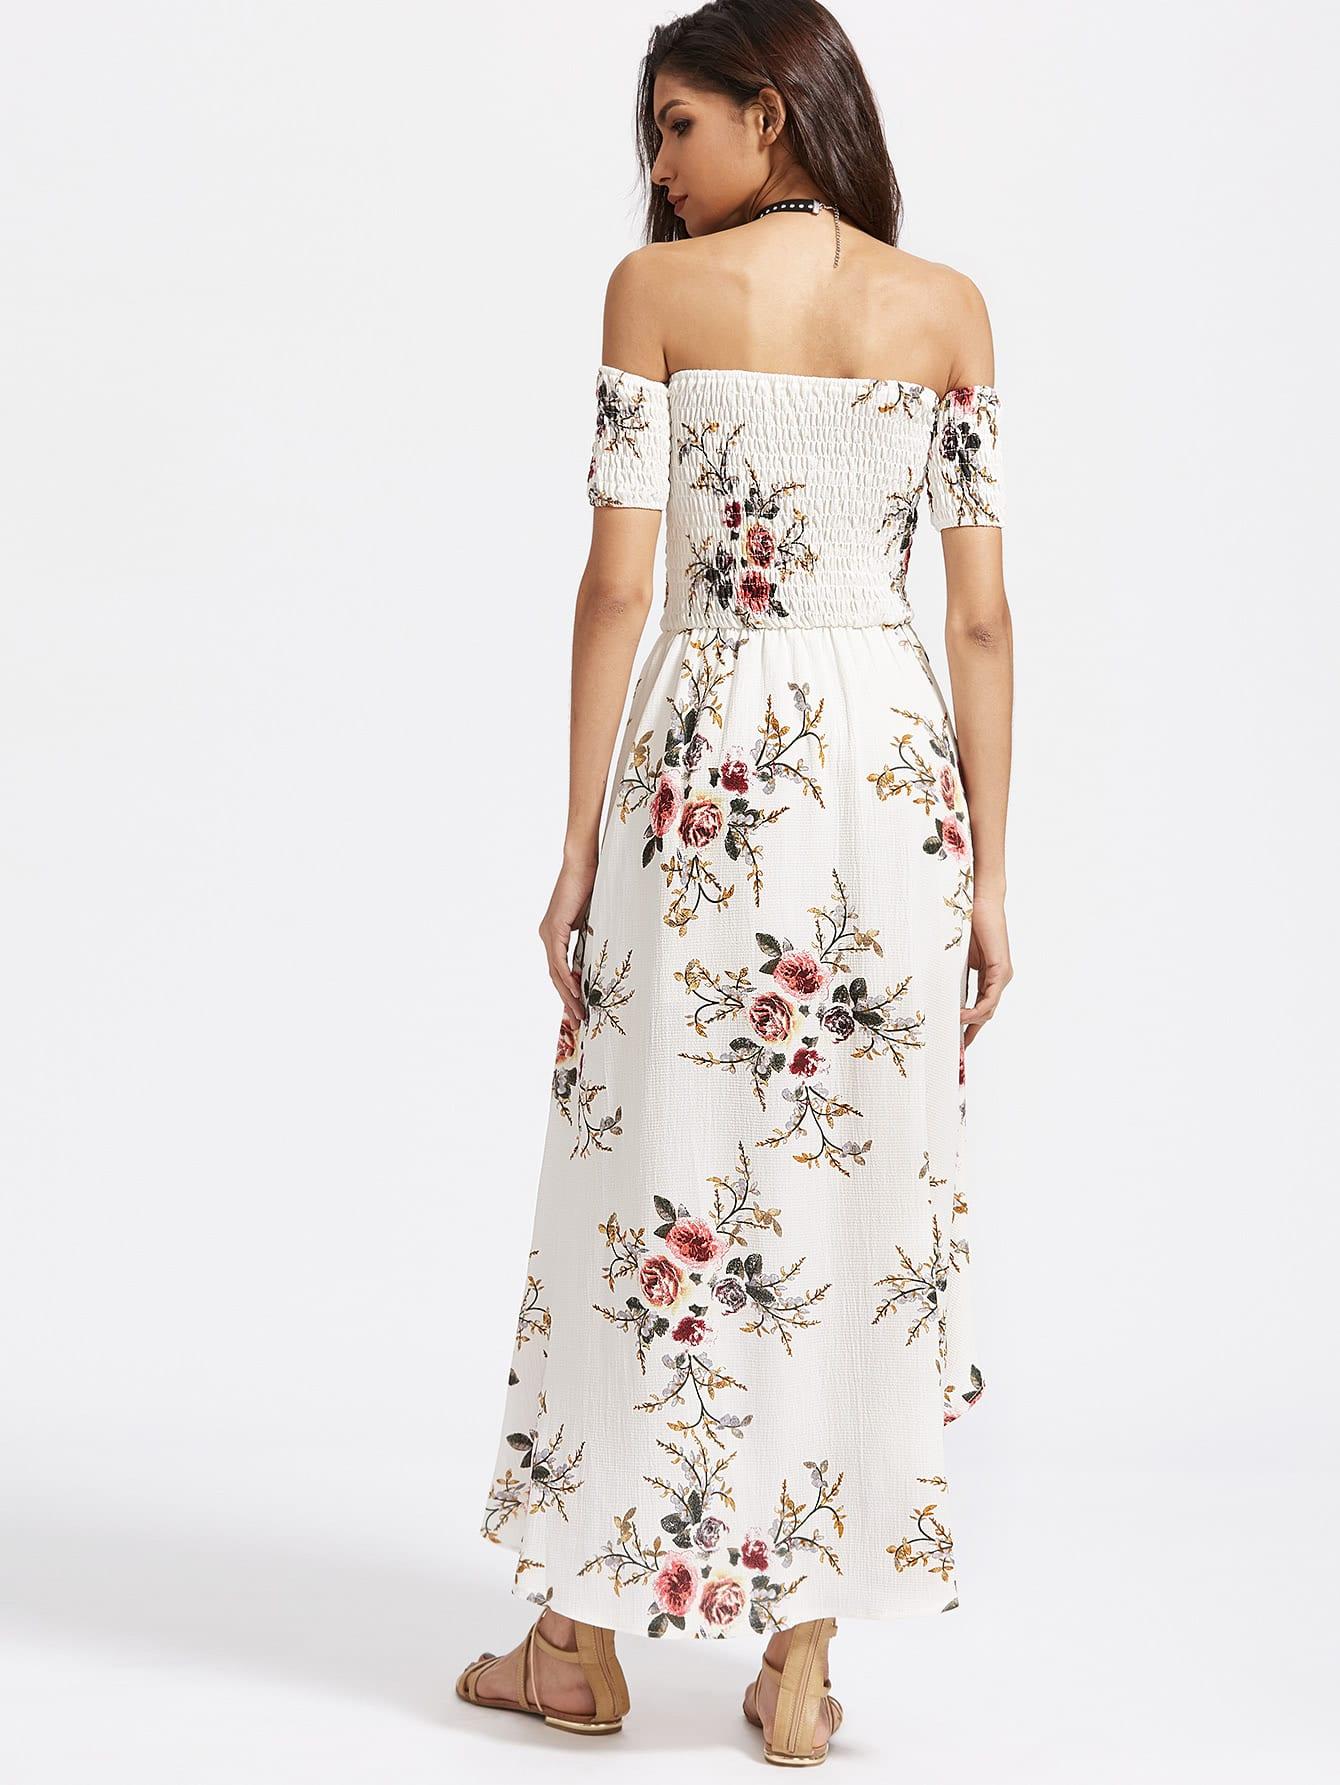 dress170303101_1